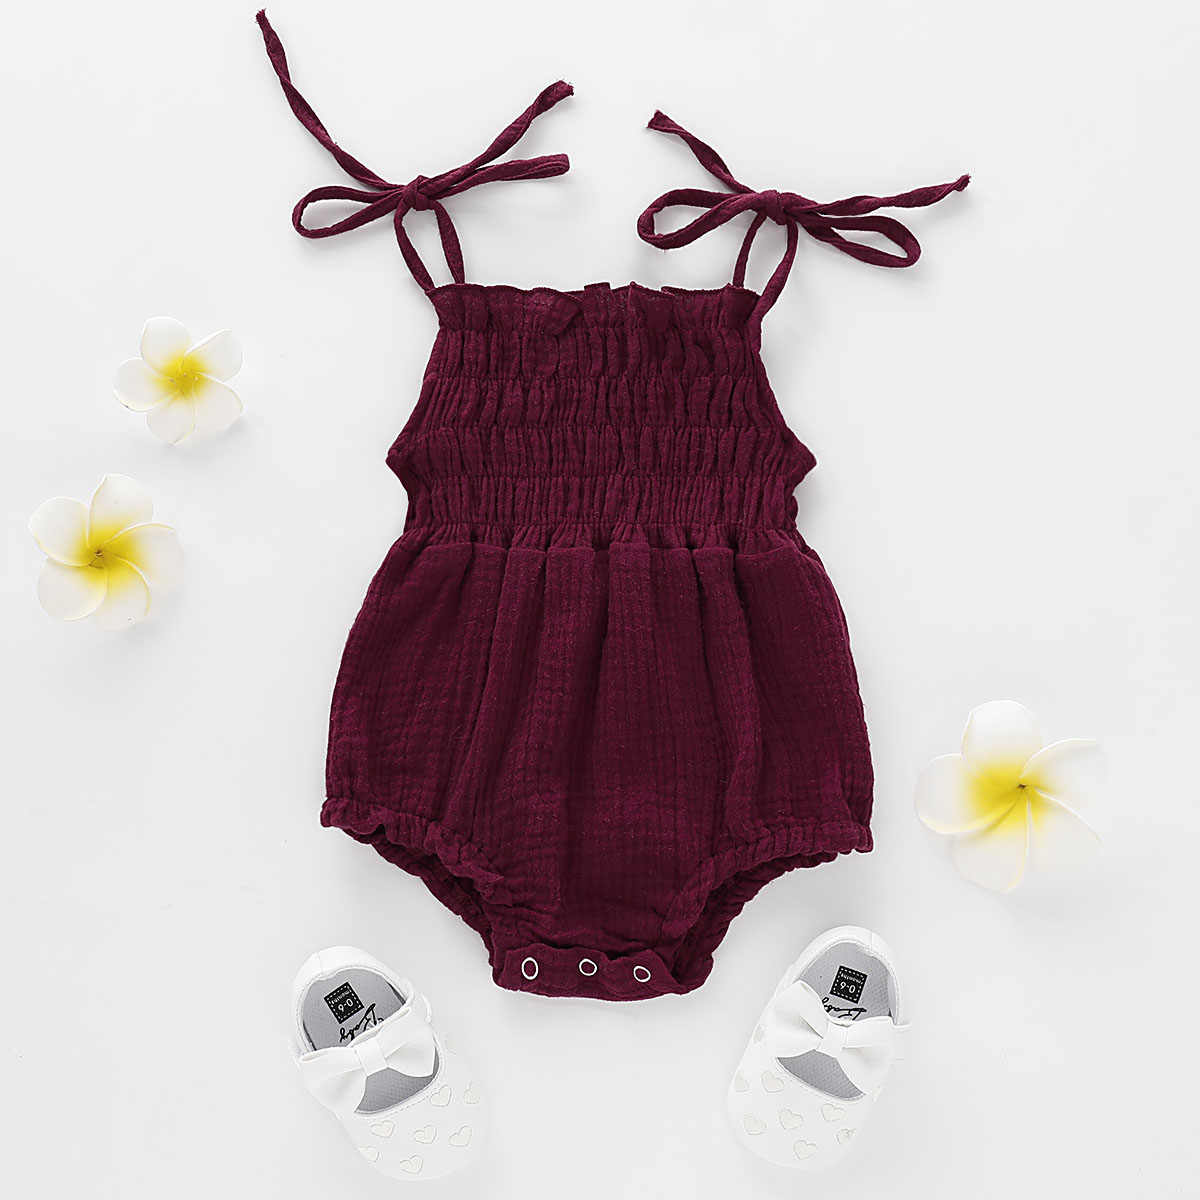 Été nouveau-né bébé fille sangle barboteuse sans manches ceinture solide combinaison tenue vêtements 0-18M 3 couleurs